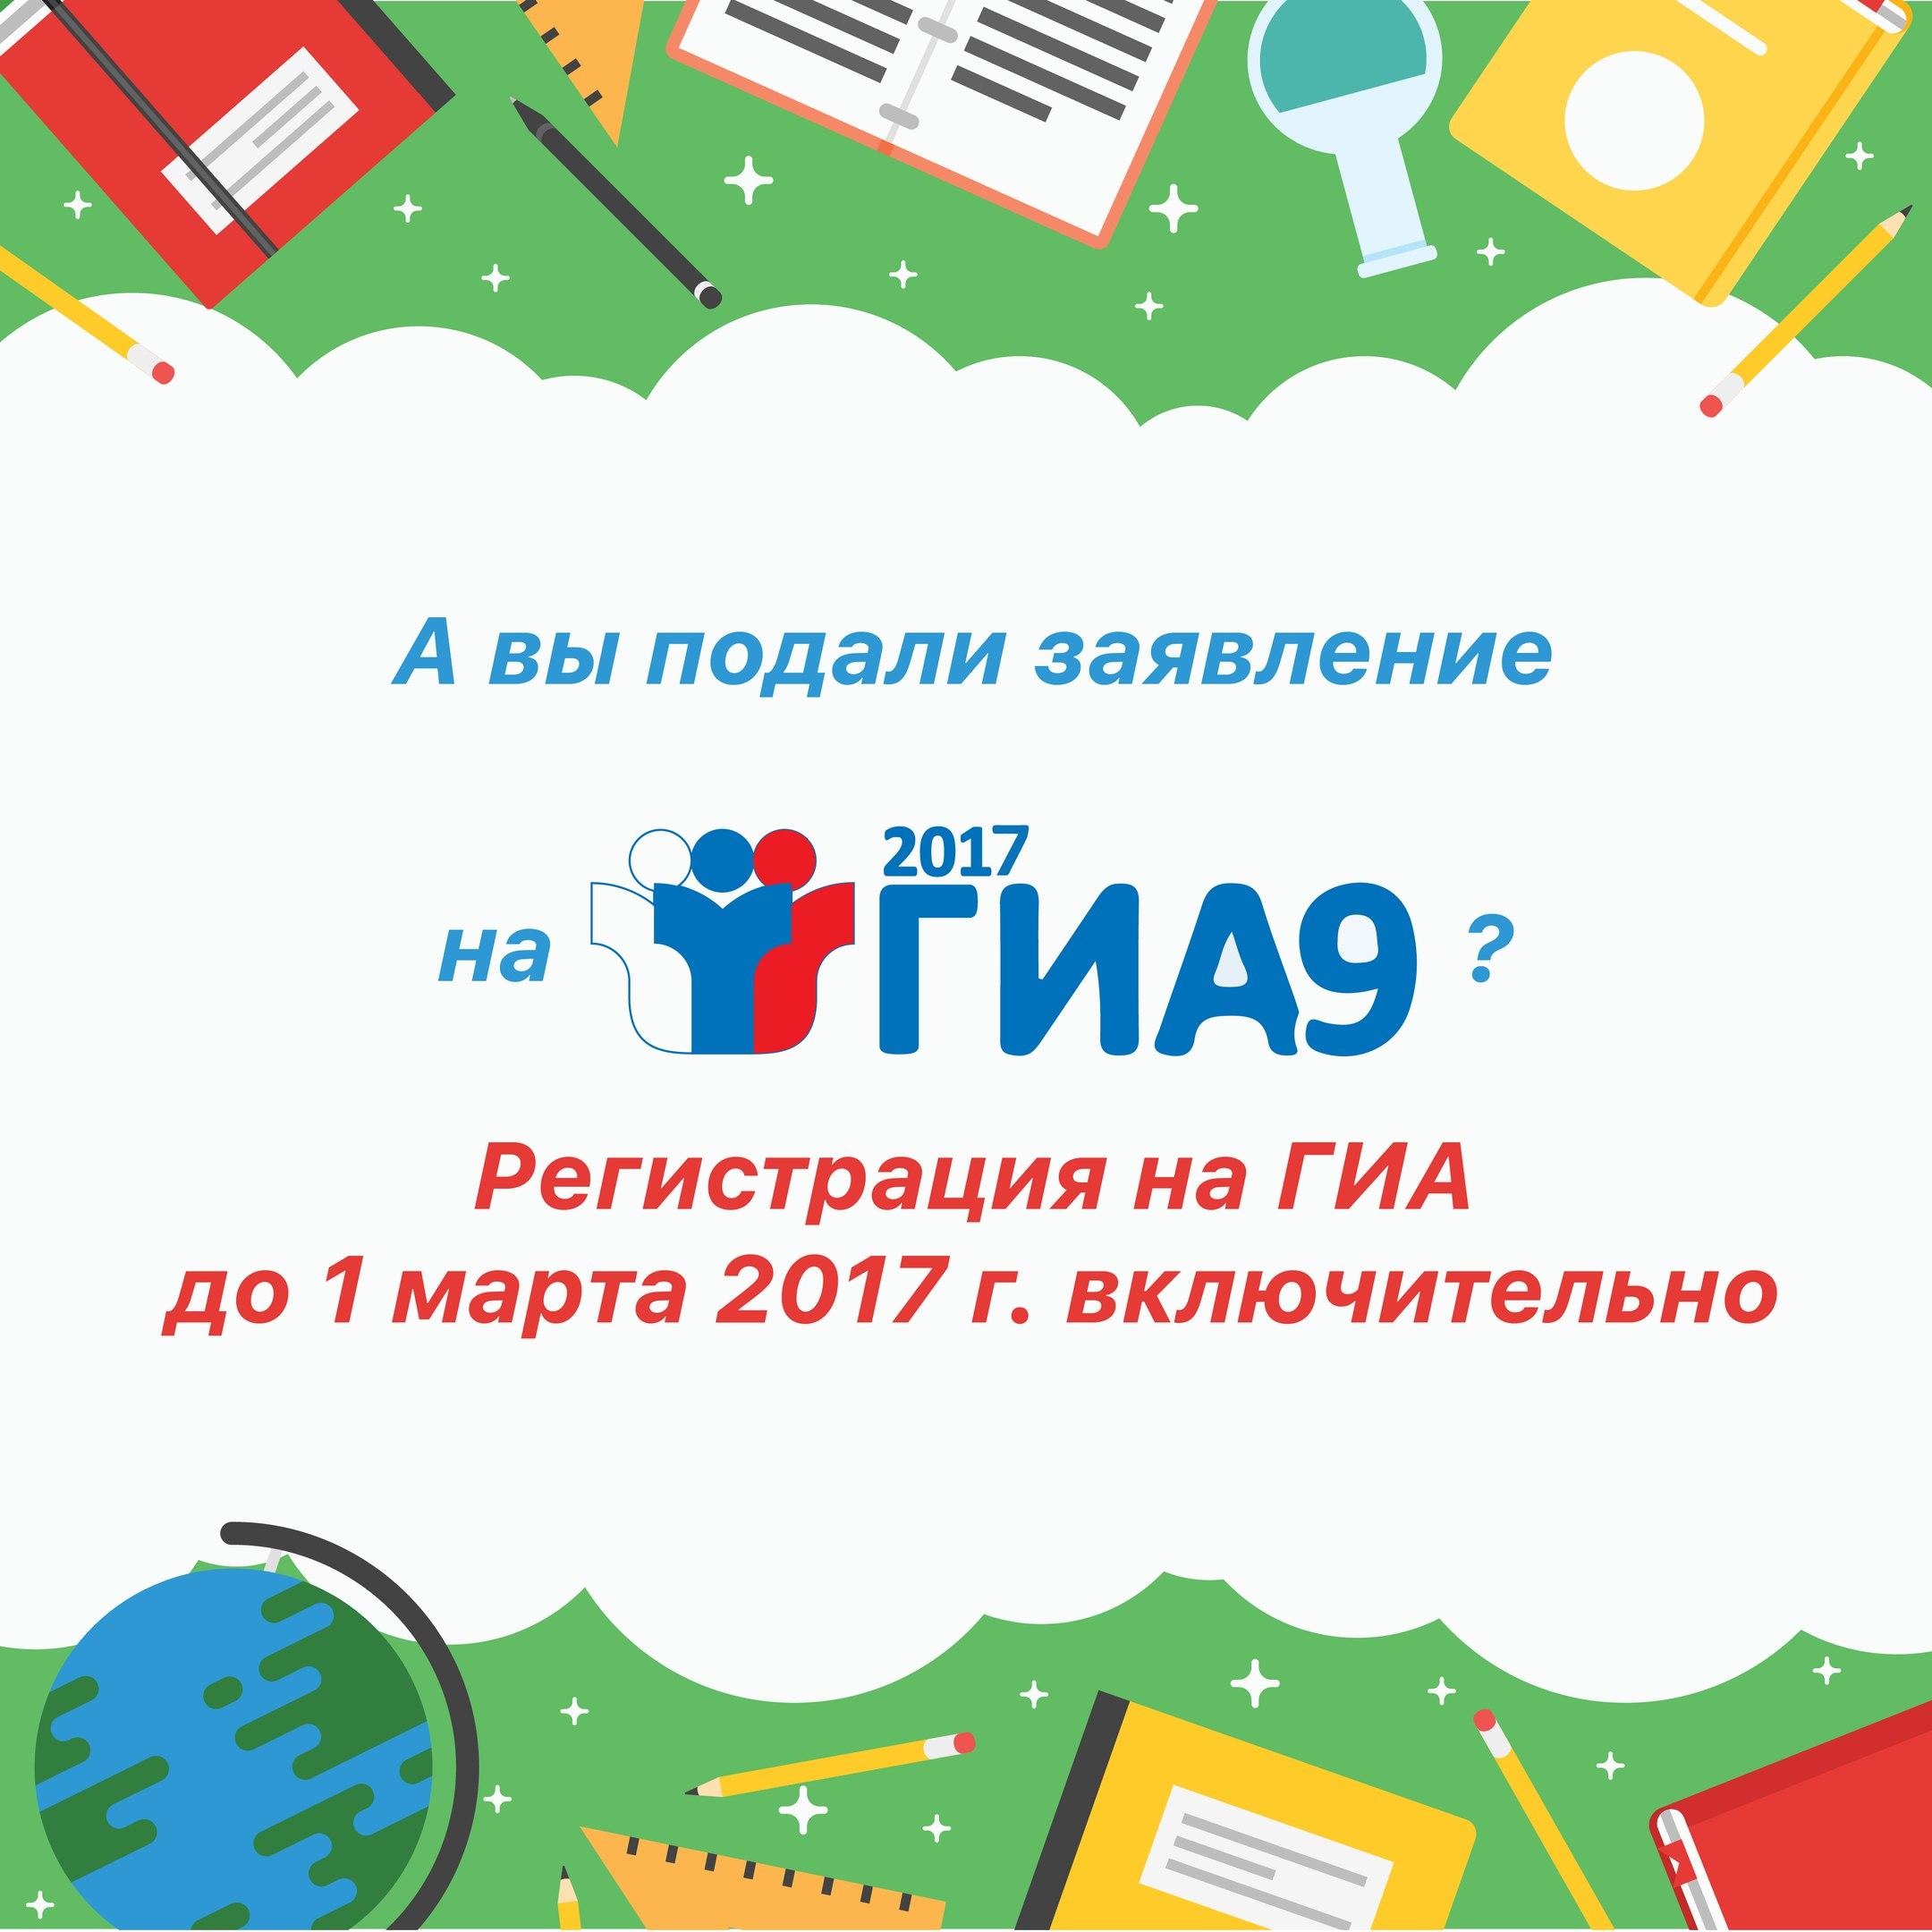 Регистрация на ГИА до 1 марта